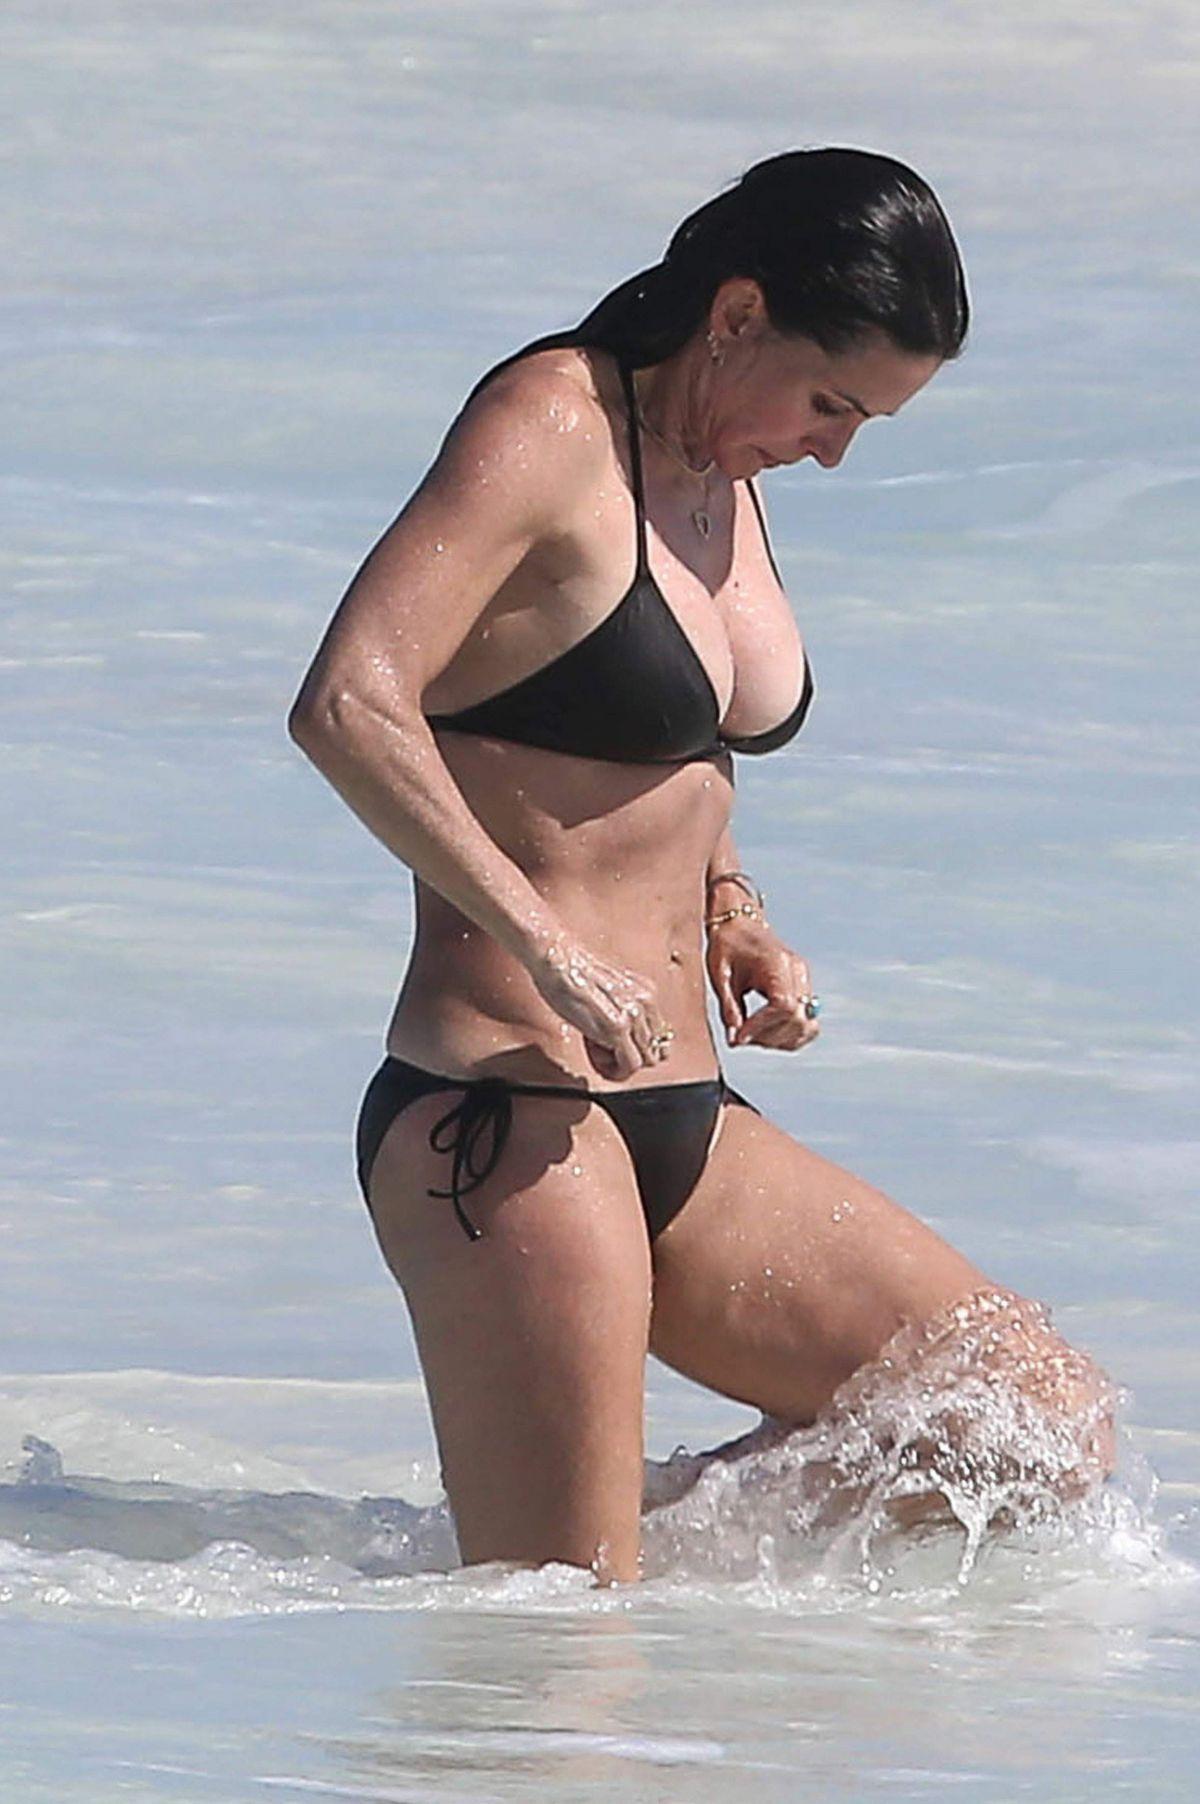 Angelique morgan bikini recommend